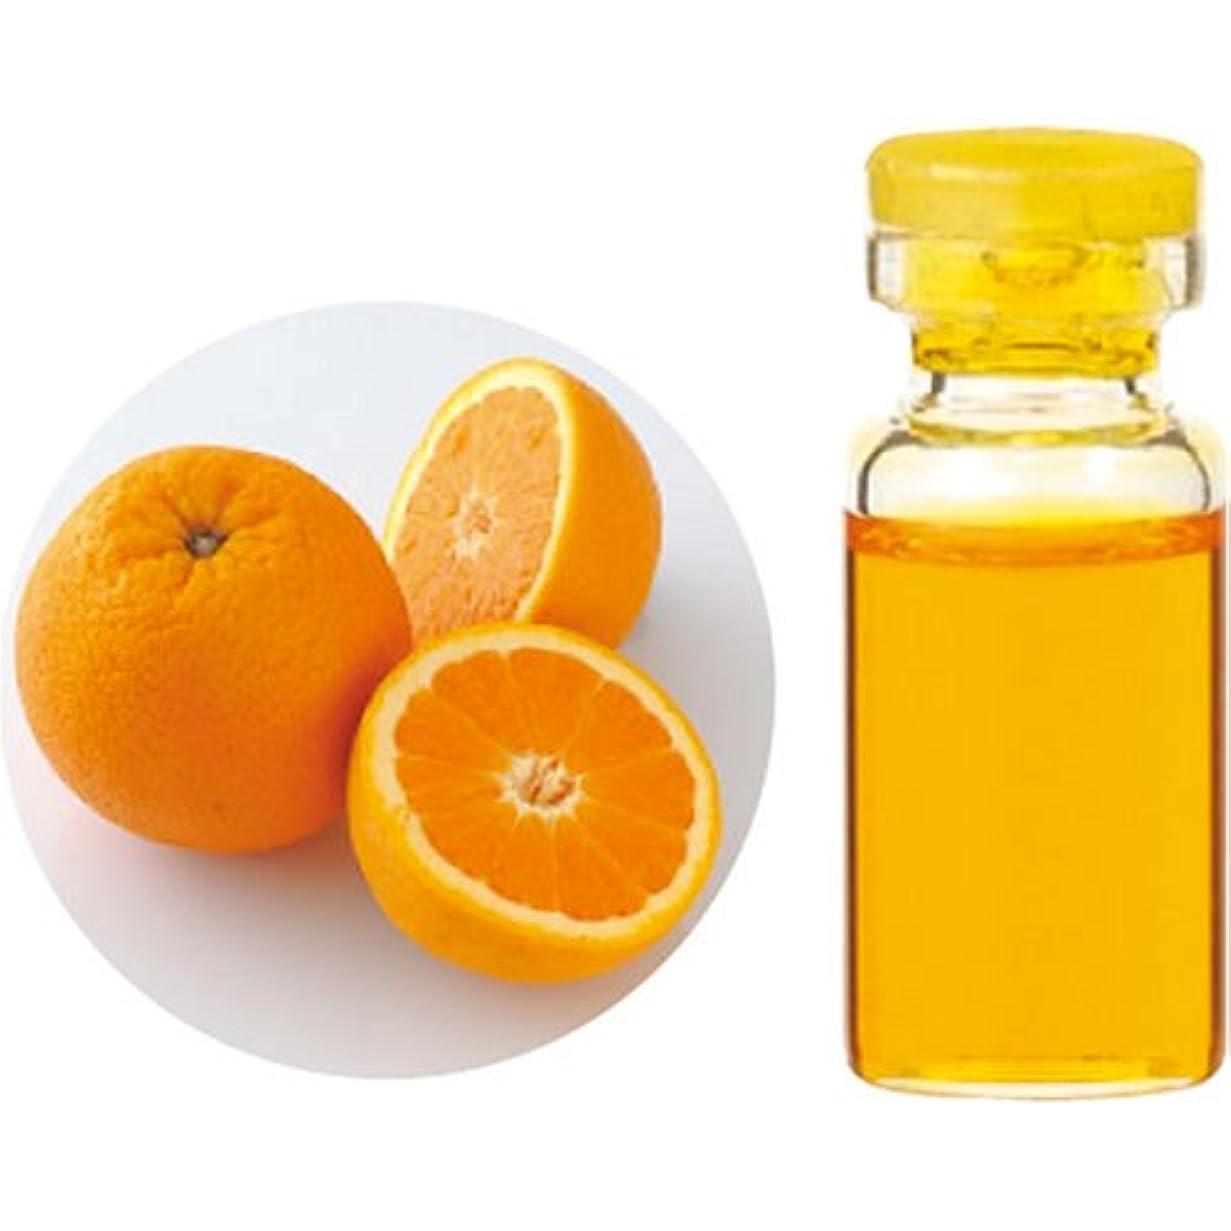 ウィスキーチューリップスピーカーHerbalLife スィートオレンジ 10ml